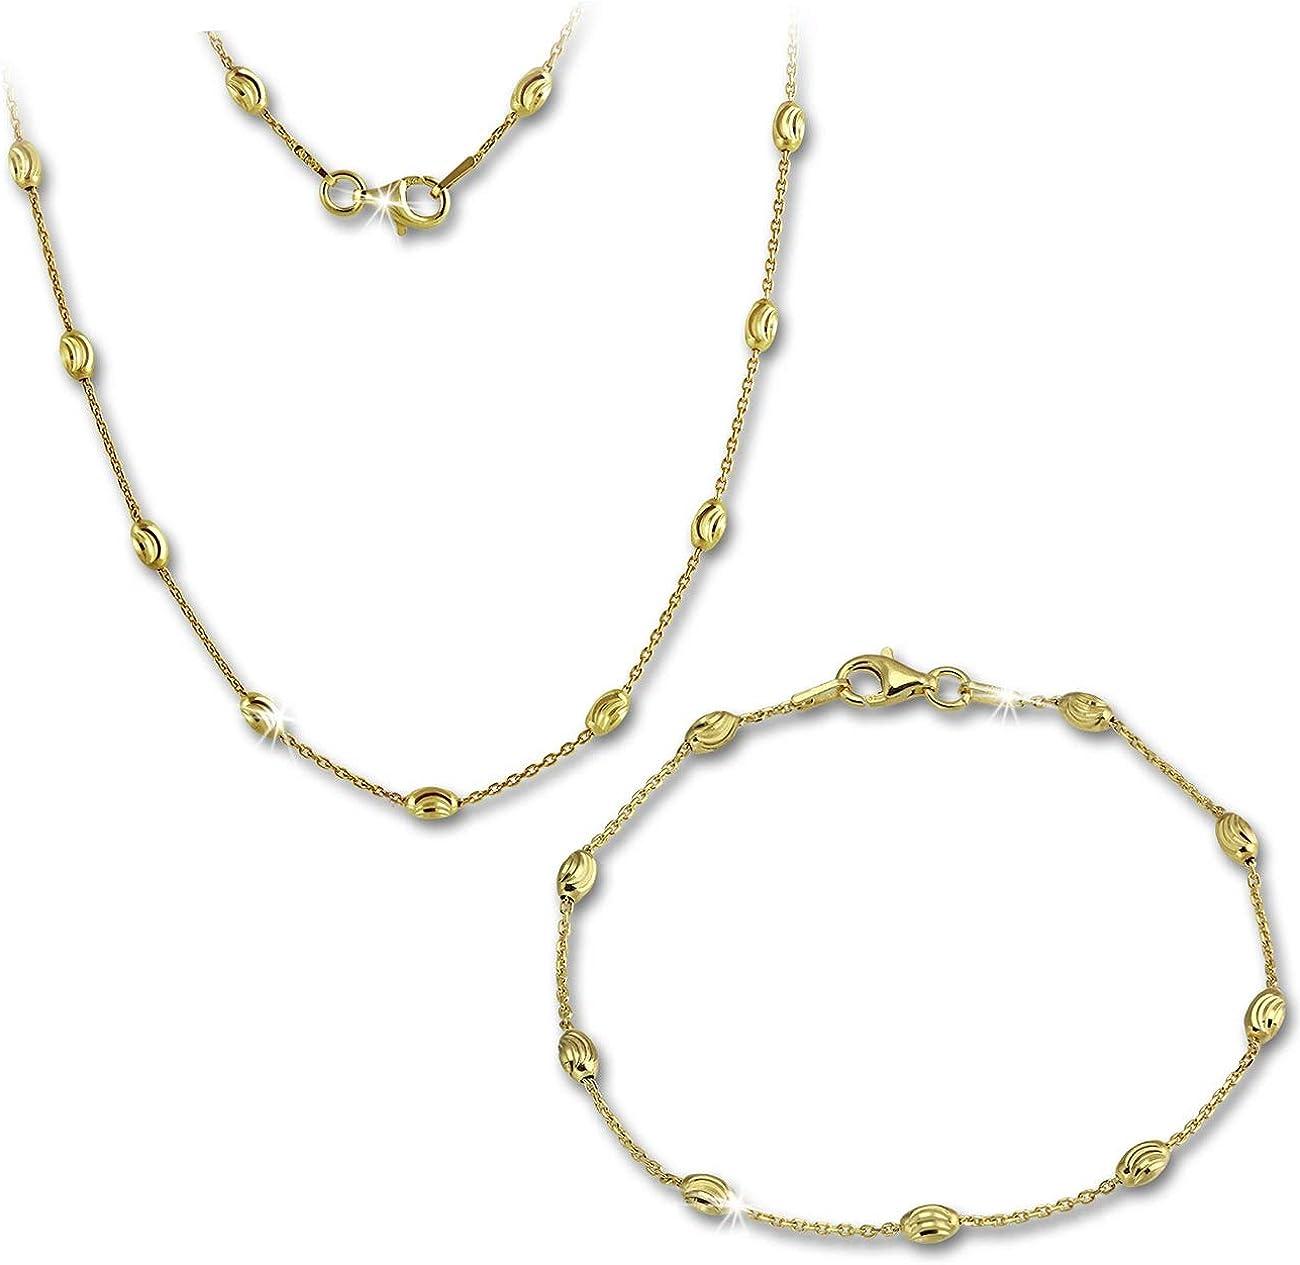 SilberDream Parure Glamour Plaqu/é Or Collier /& Bracelet Argent 925/Argent Bijoux sds238y